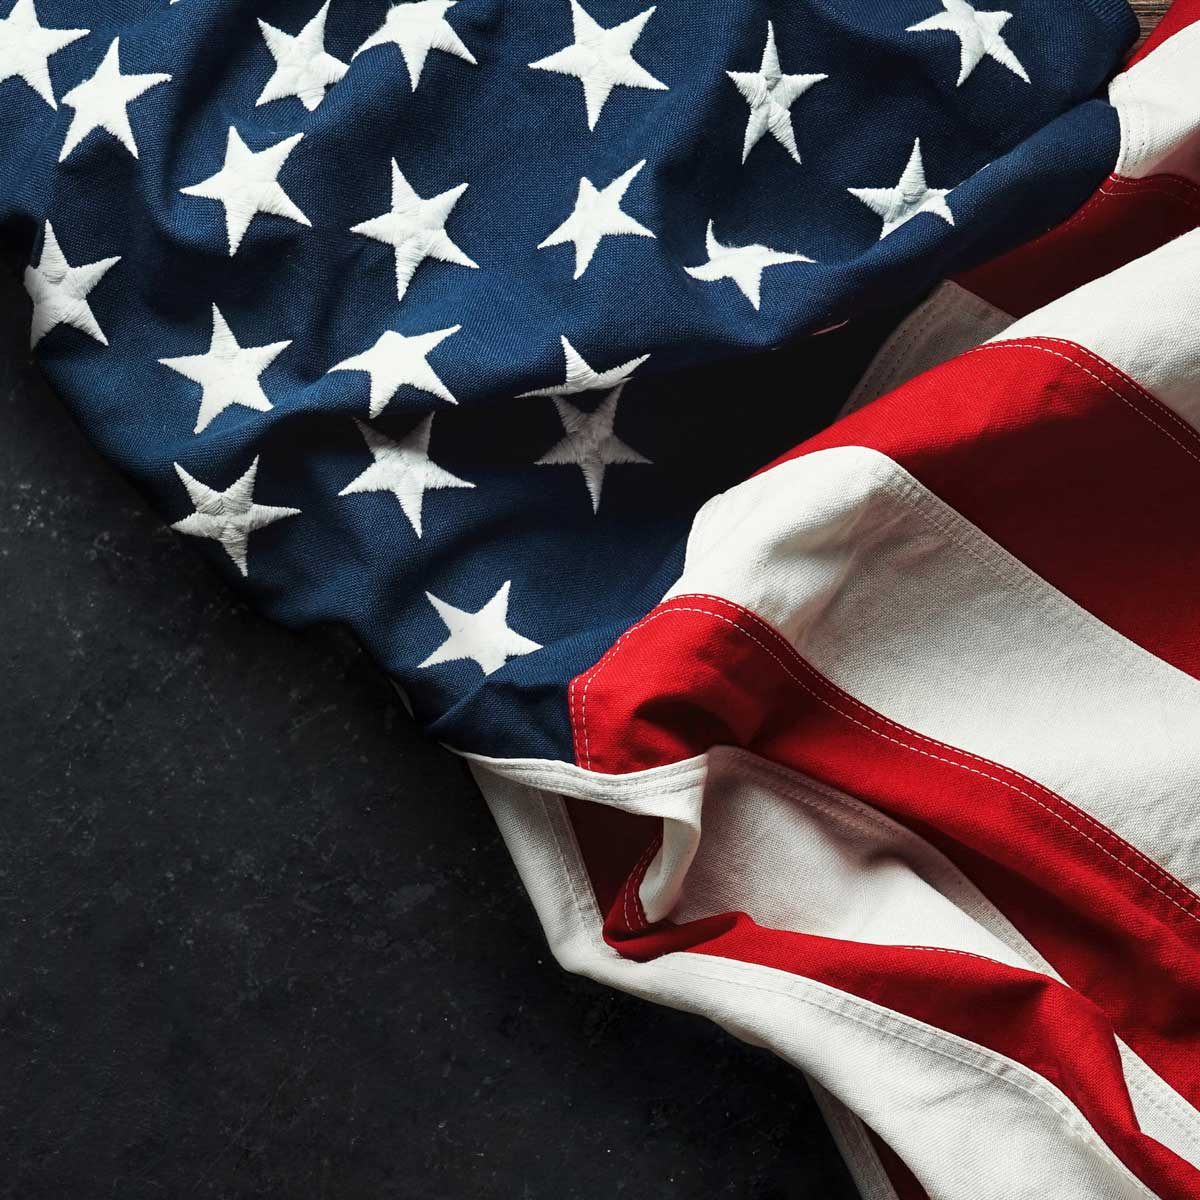 United States Flag On Black Background